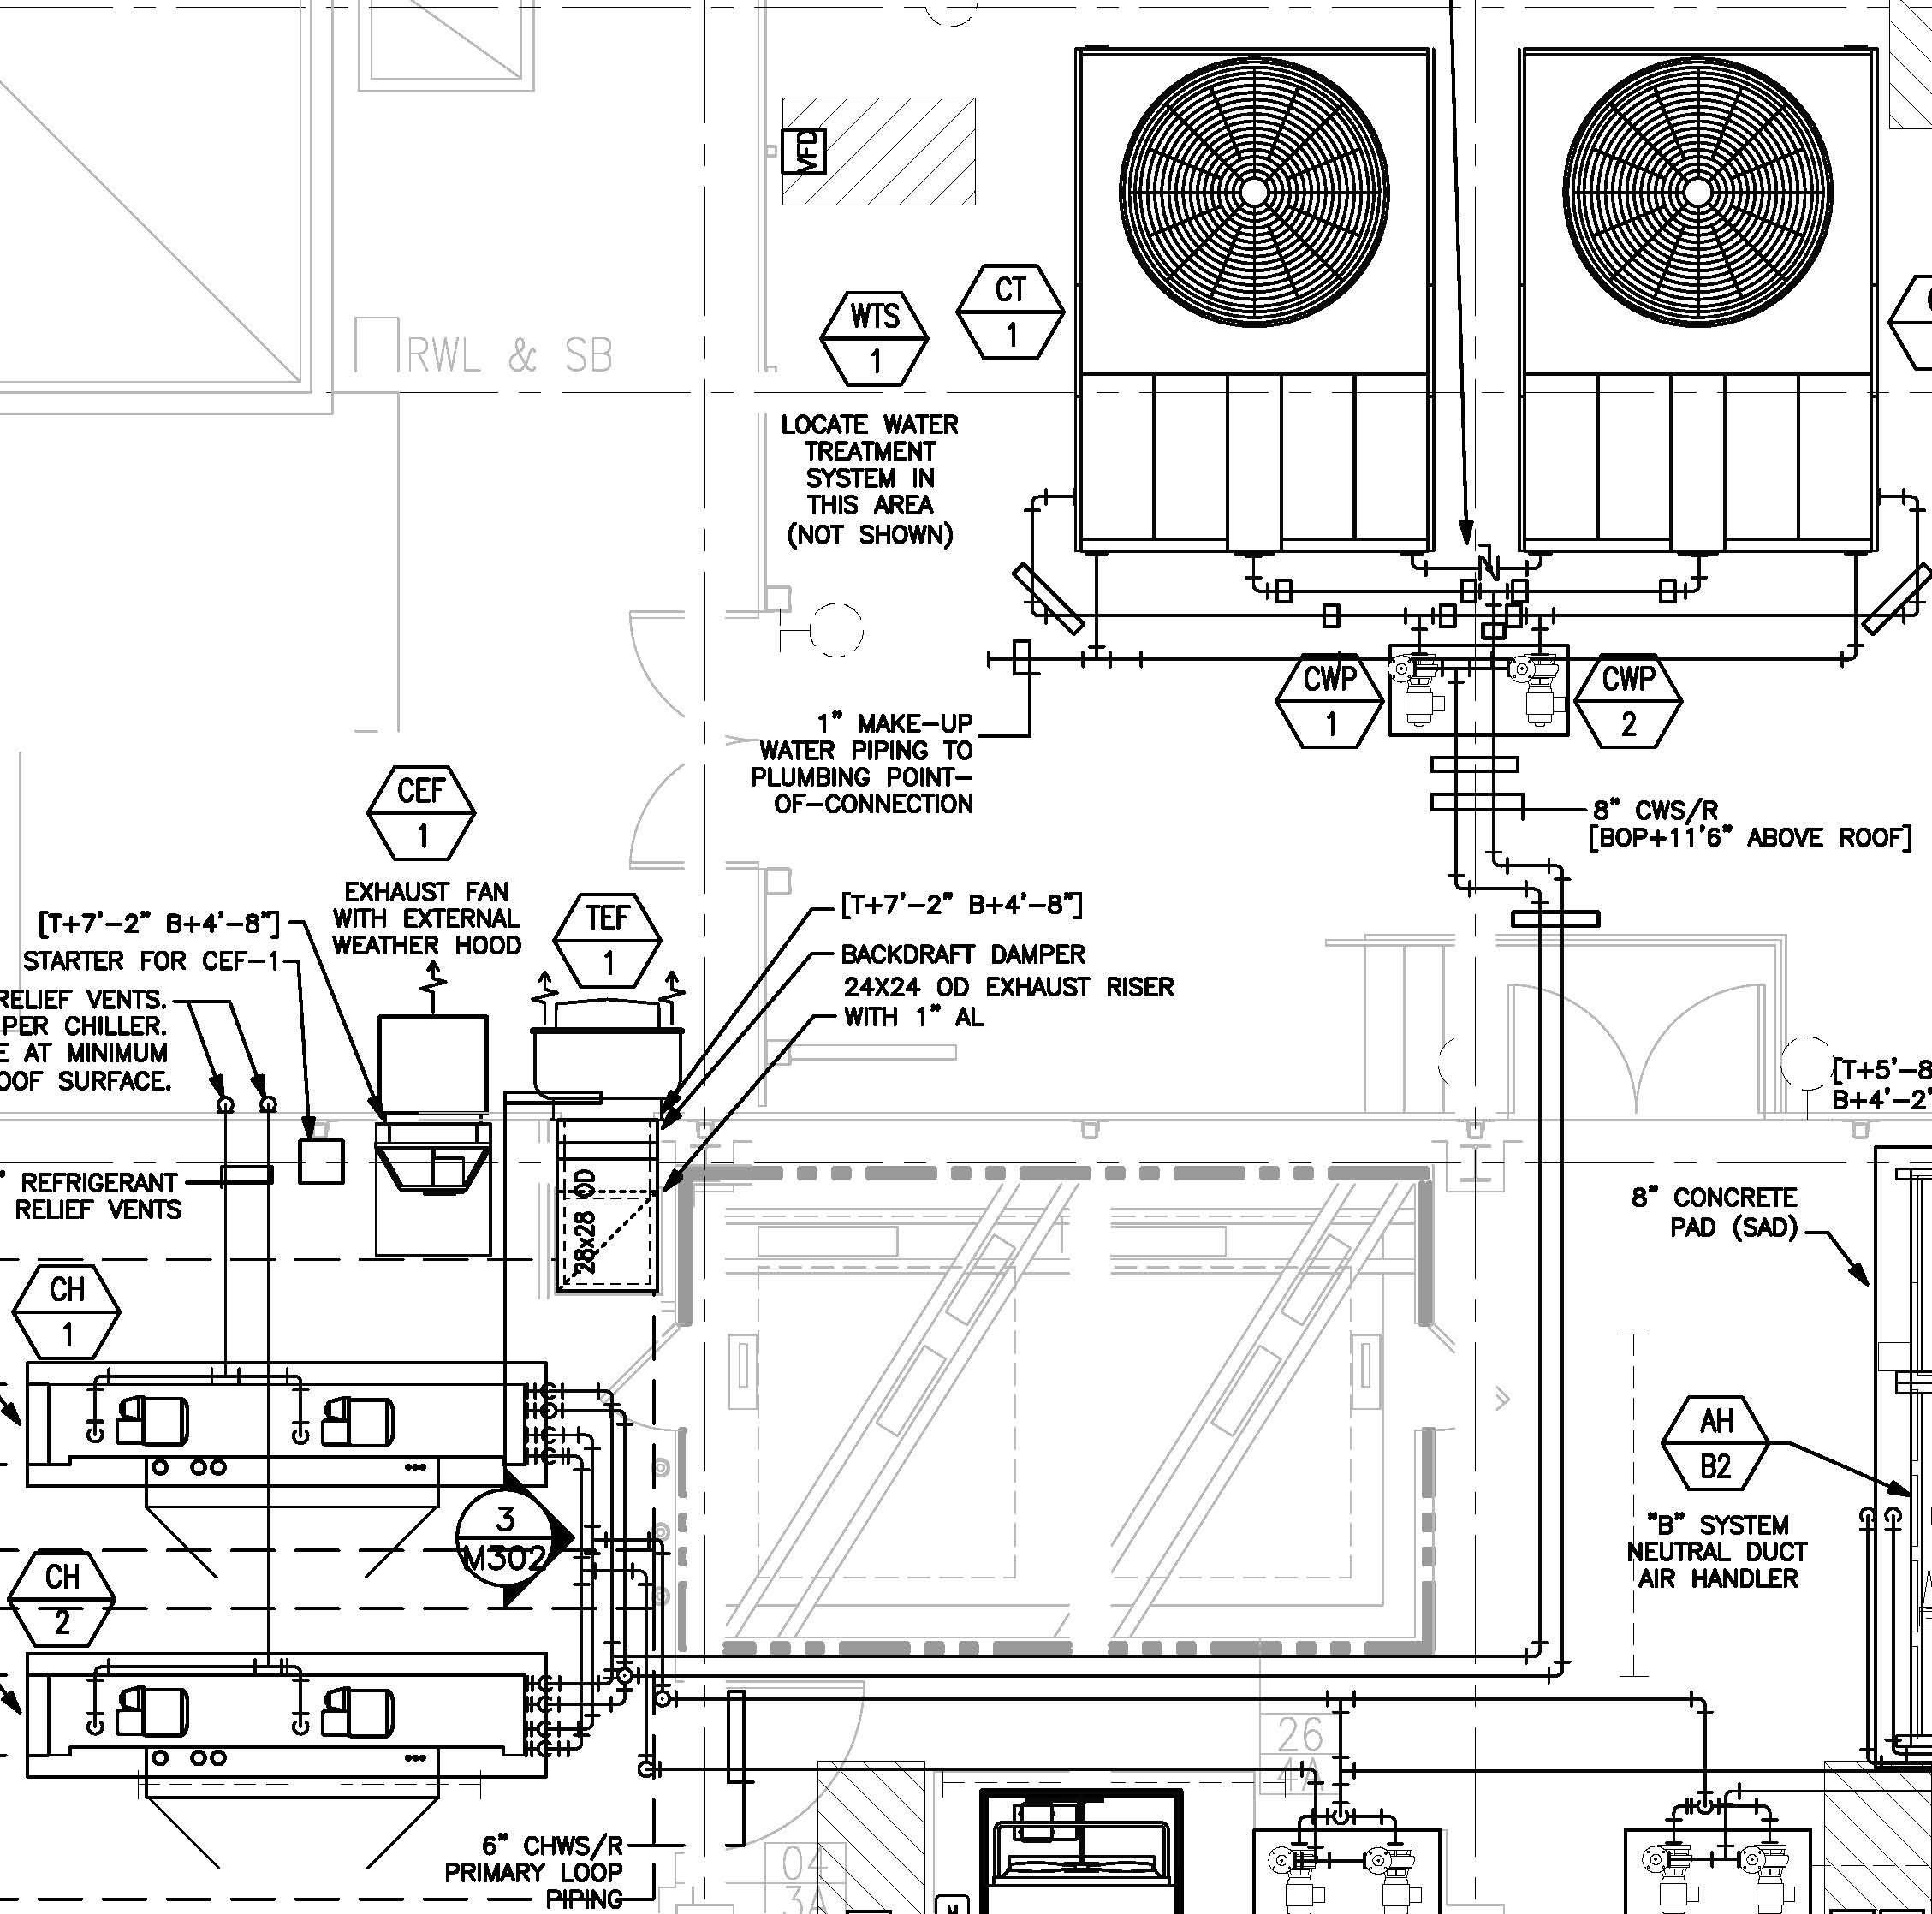 Car Dashboard Diagram Car Wash Wiring Diagram Layout Wiring Diagrams • Of Car Dashboard Diagram